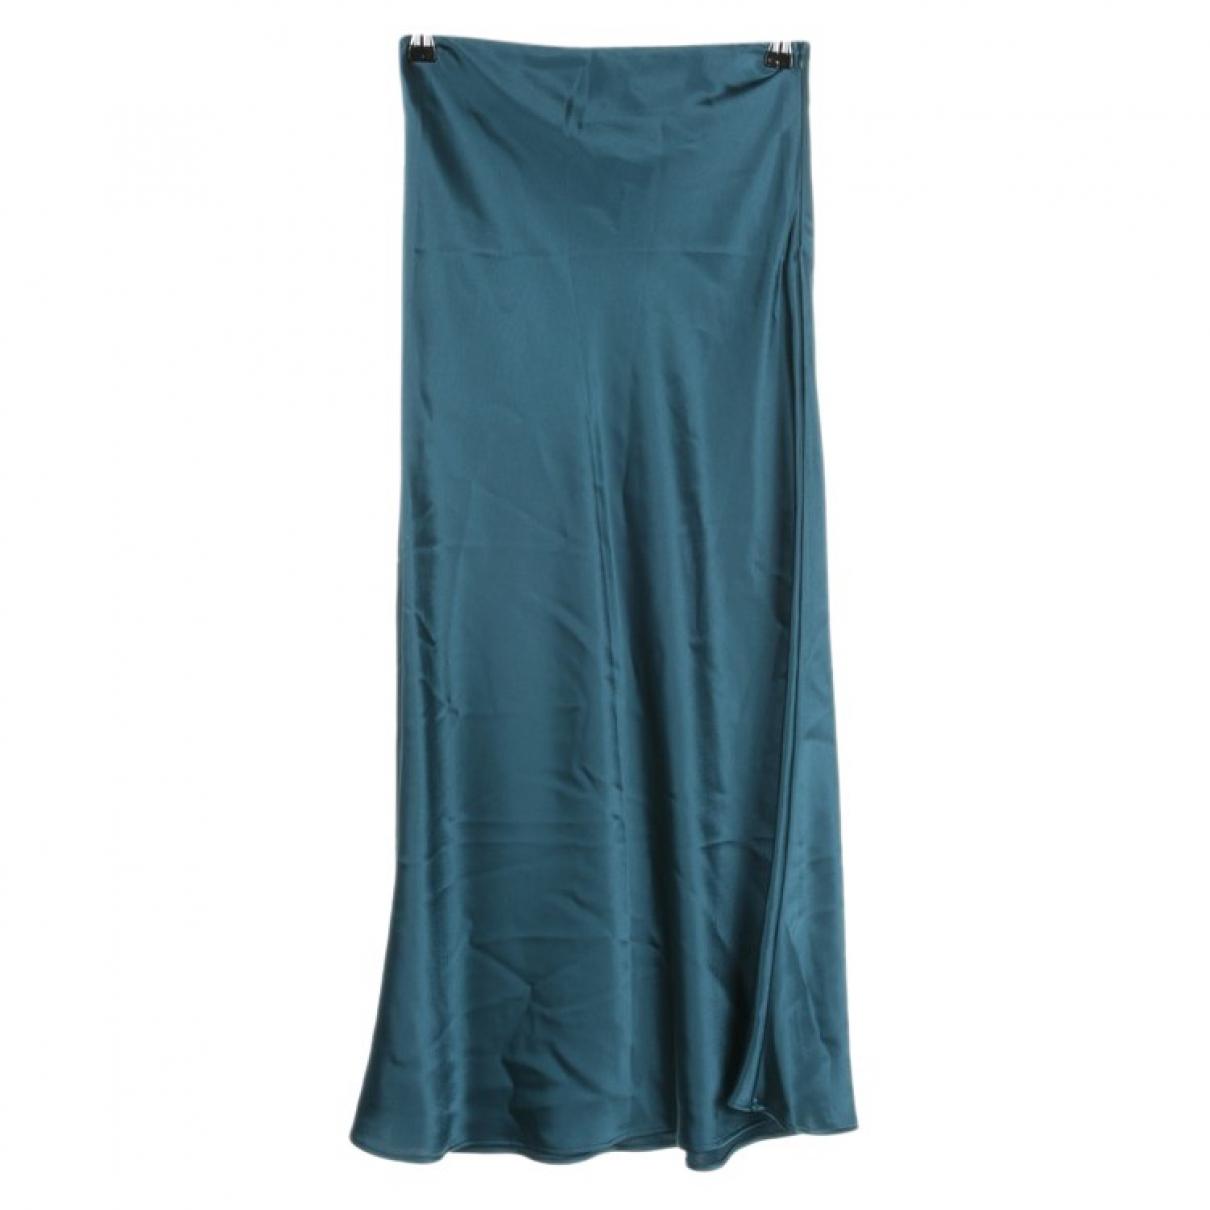 Galvan London - Jupe   pour femme - bleu